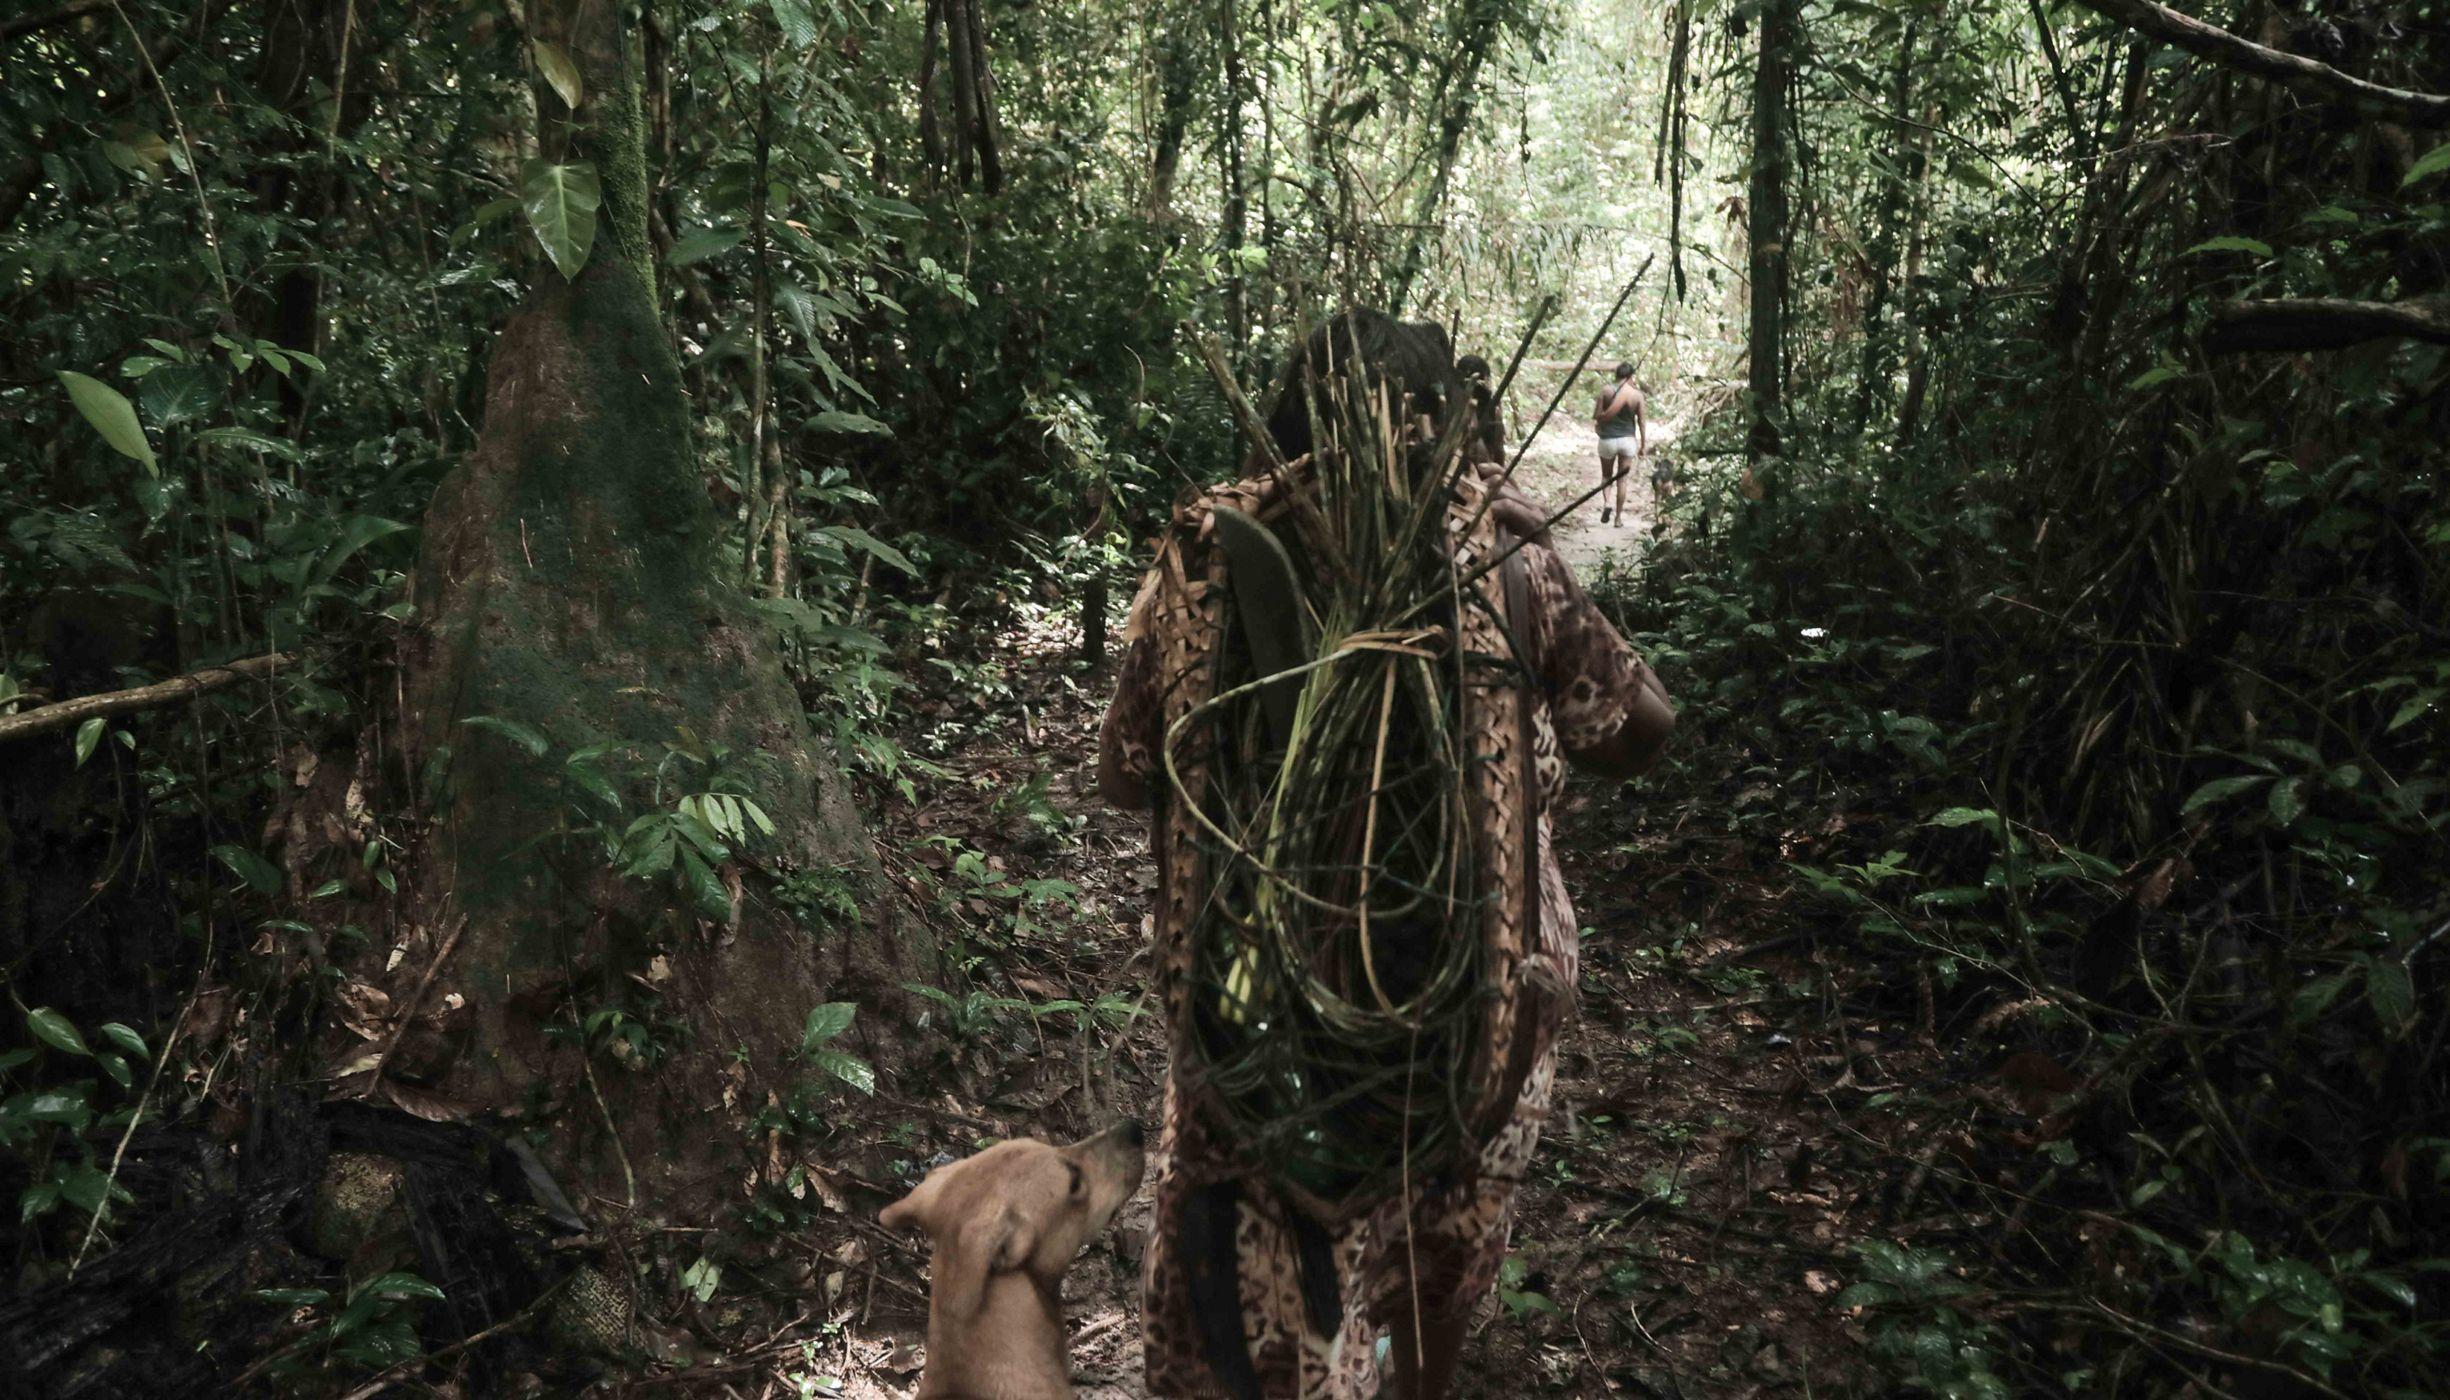 Indígena caminhando na floresta com ferramentas tradicionais.